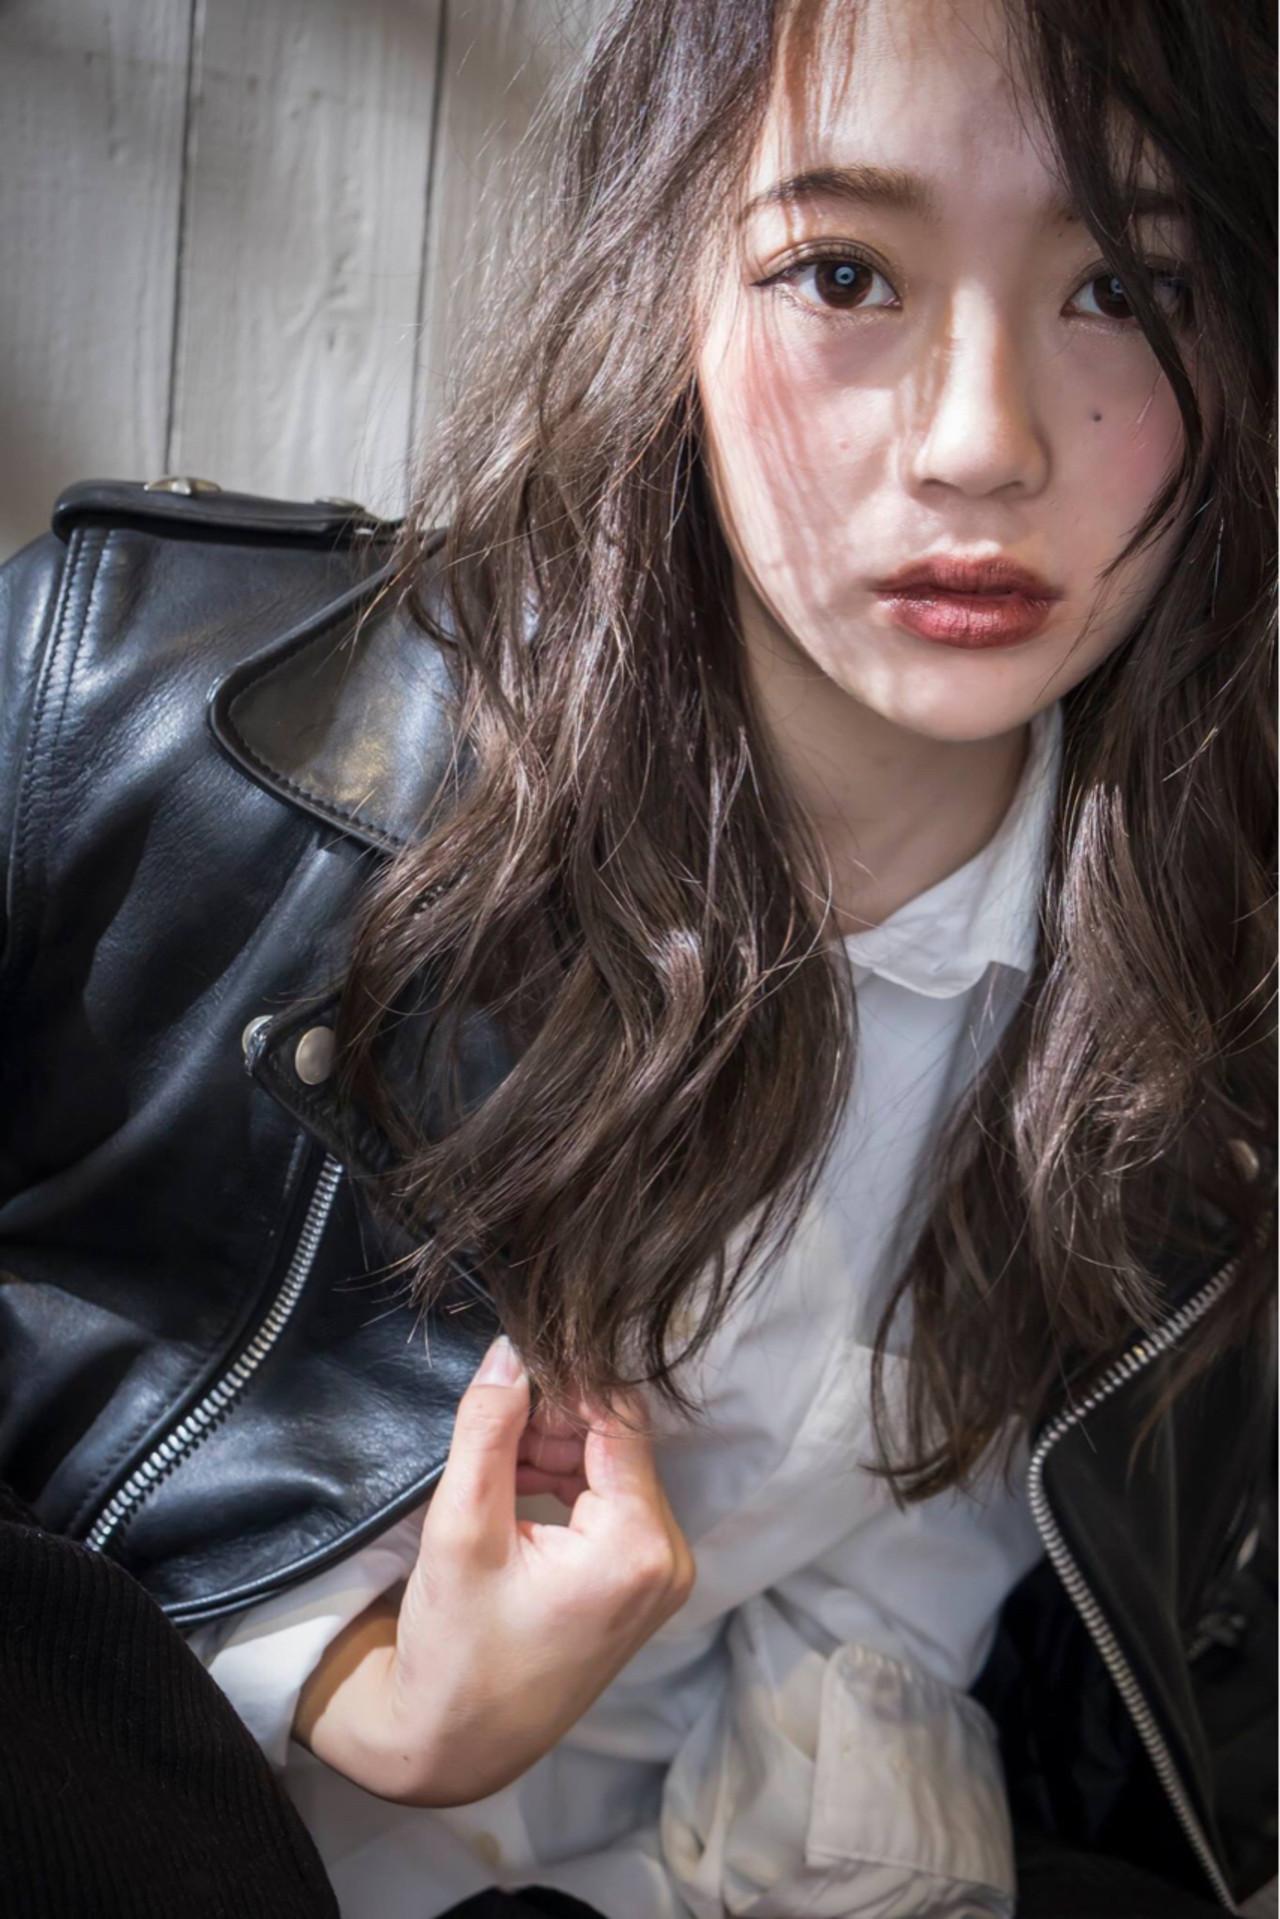 セミロング 暗髪 アッシュ ニュアンス ヘアスタイルや髪型の写真・画像